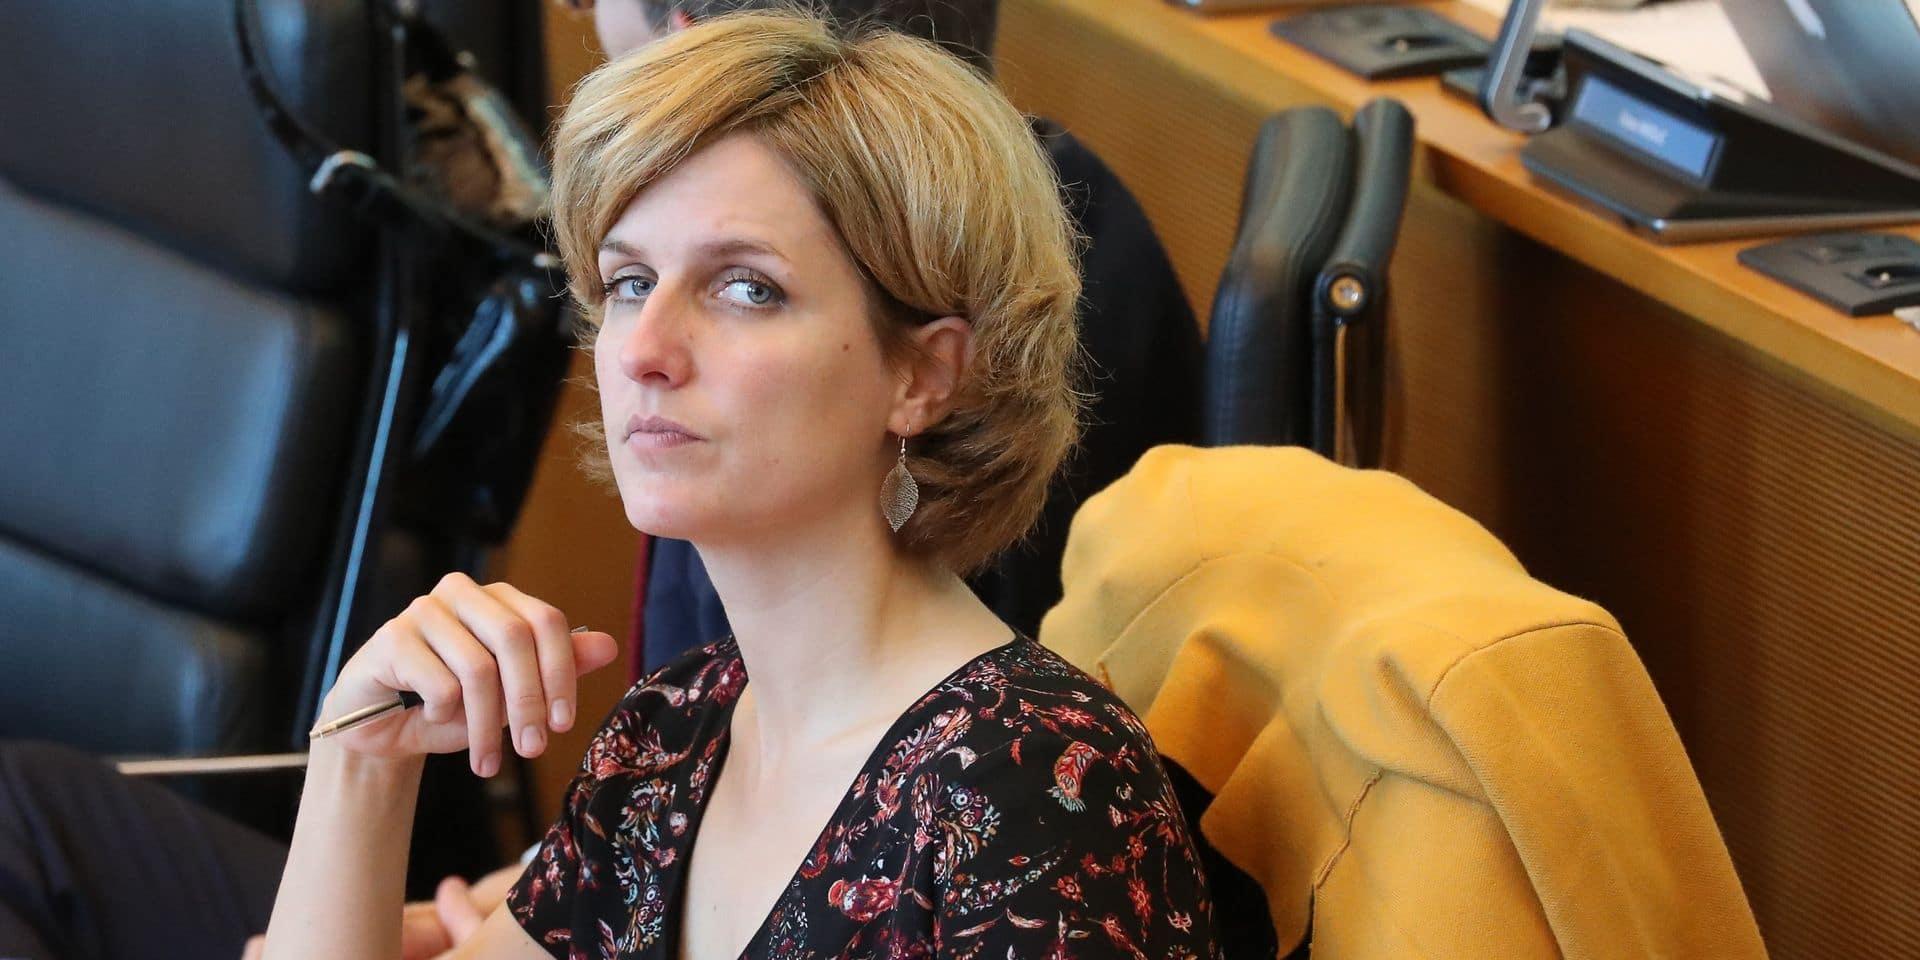 Ghlin: Quand la ministre de l'Environnement se penche sur le dossier Recotri